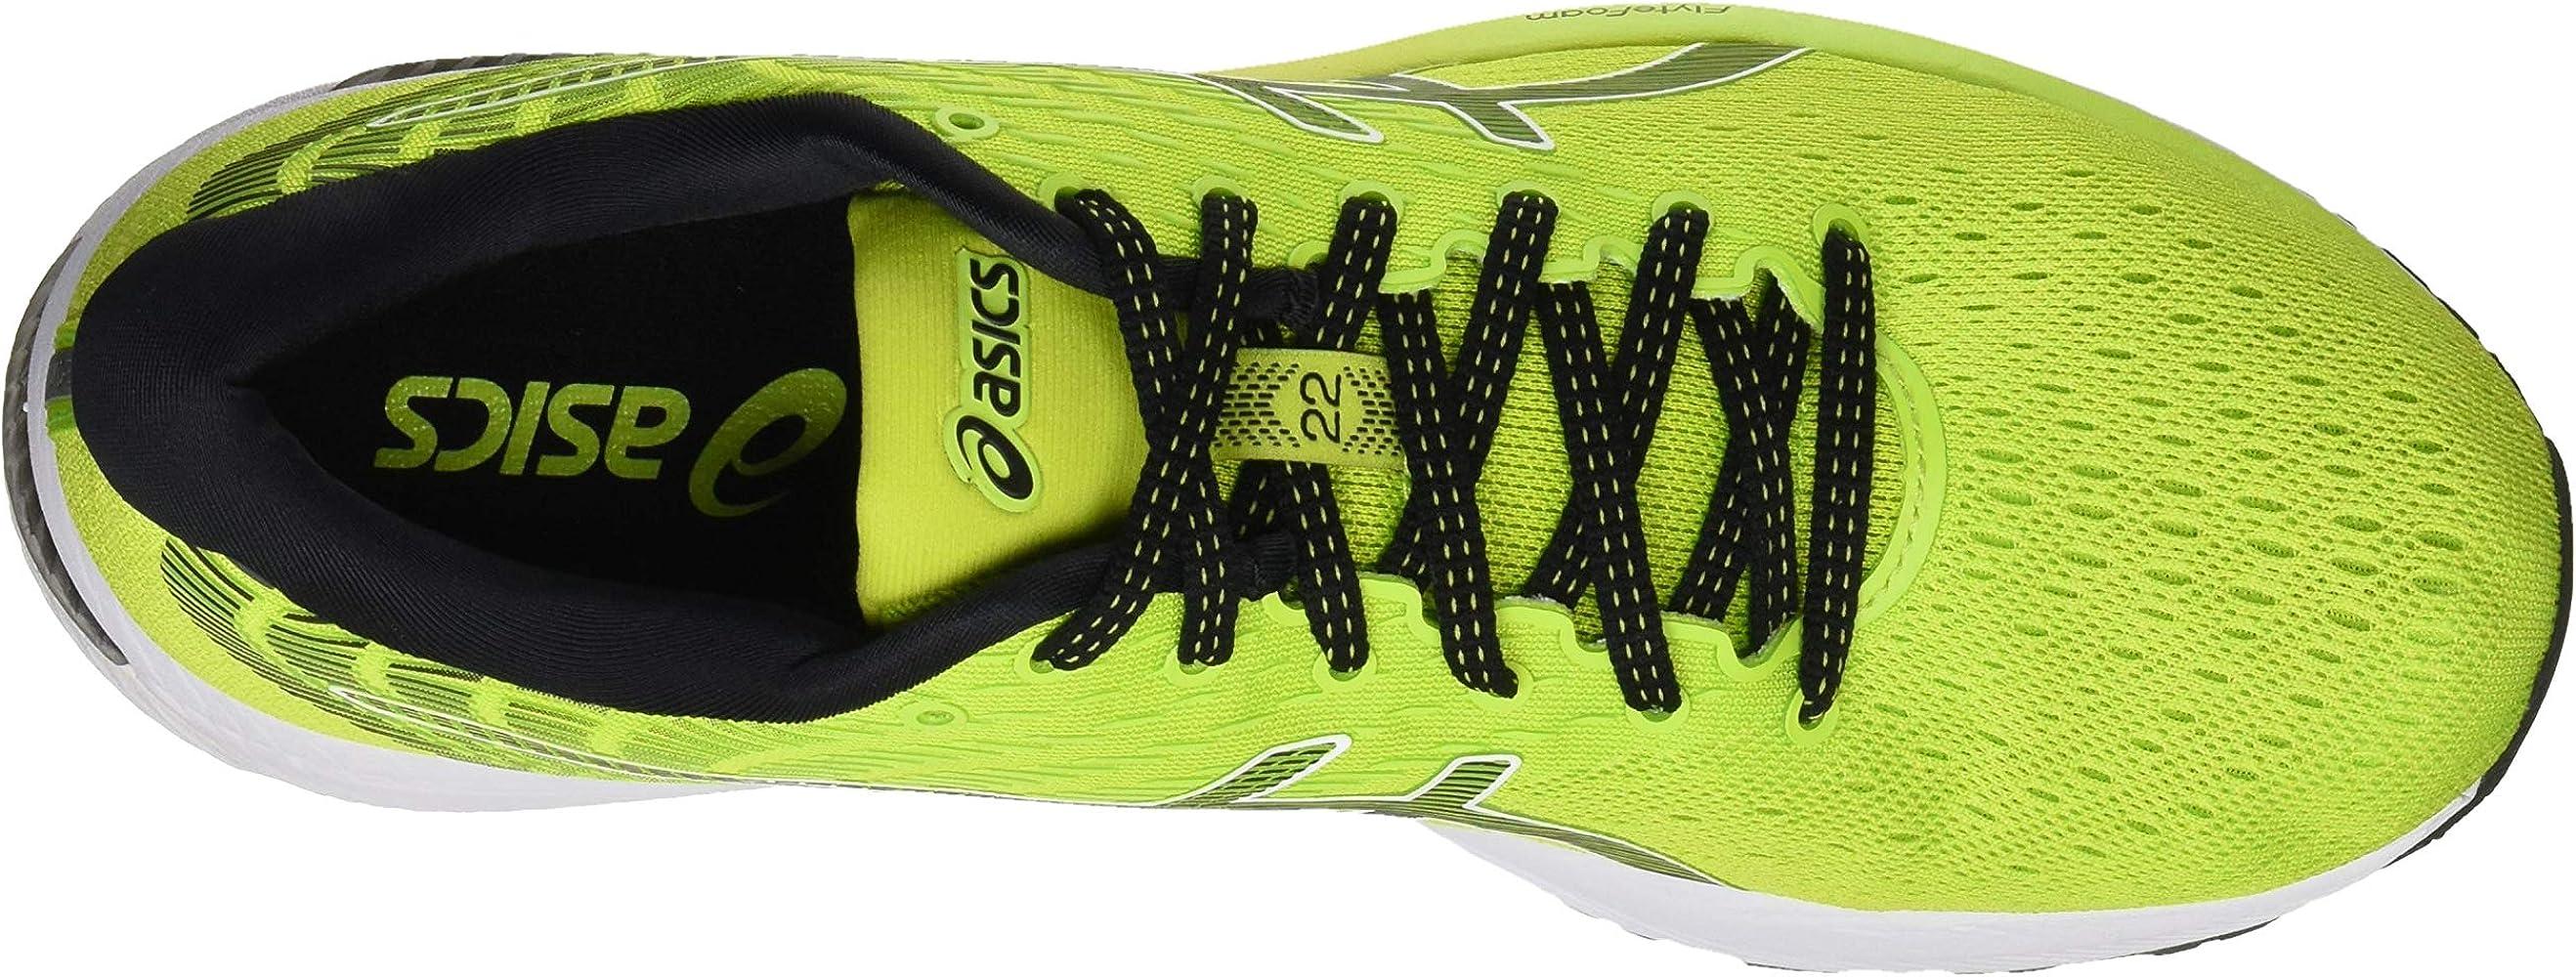 ASICS Mens Stroke Running Shoe